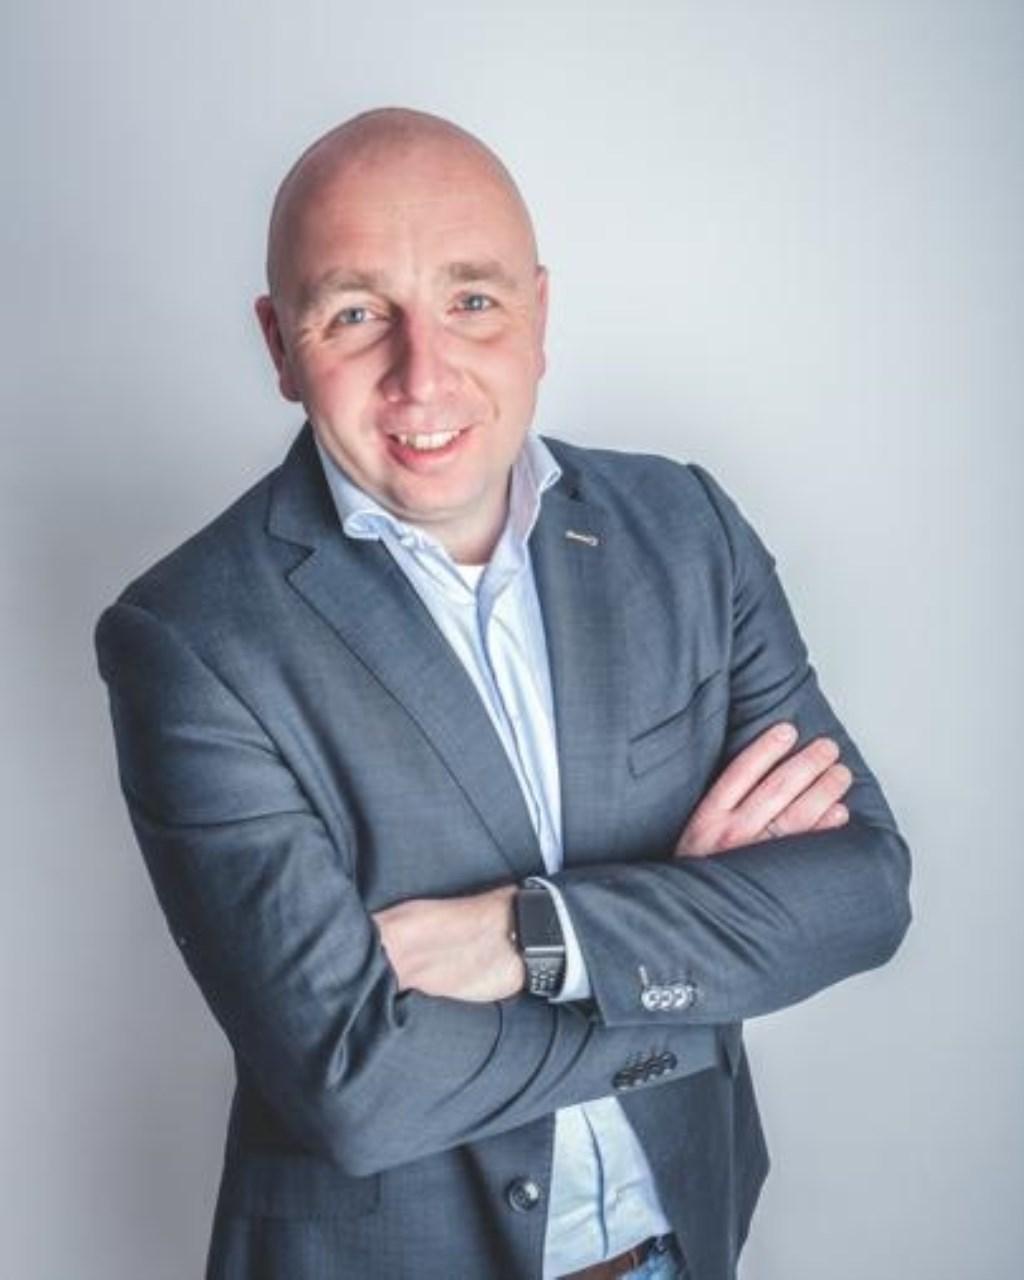 Jeroen van Brakel wordt komend seizoen de nieuwe trainer van Spirit. jo-fotografie.nl © BDU Media